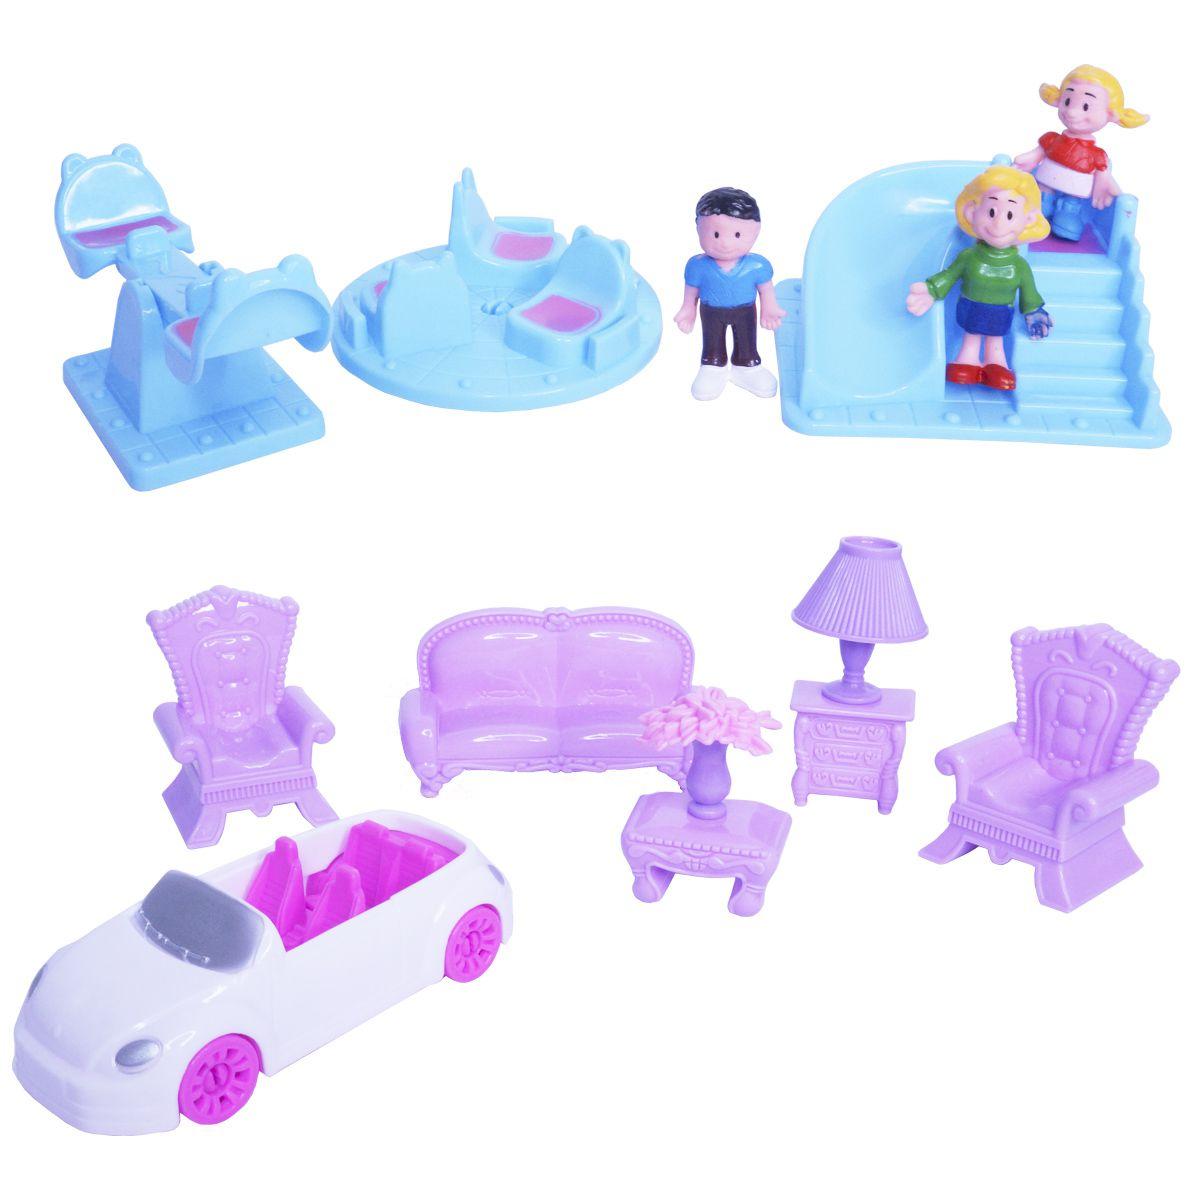 Kit Casinha de Boneca Plástico Infantil Barata 15 Peças com Luz e Som Importway BW043 Lar Doce Lar